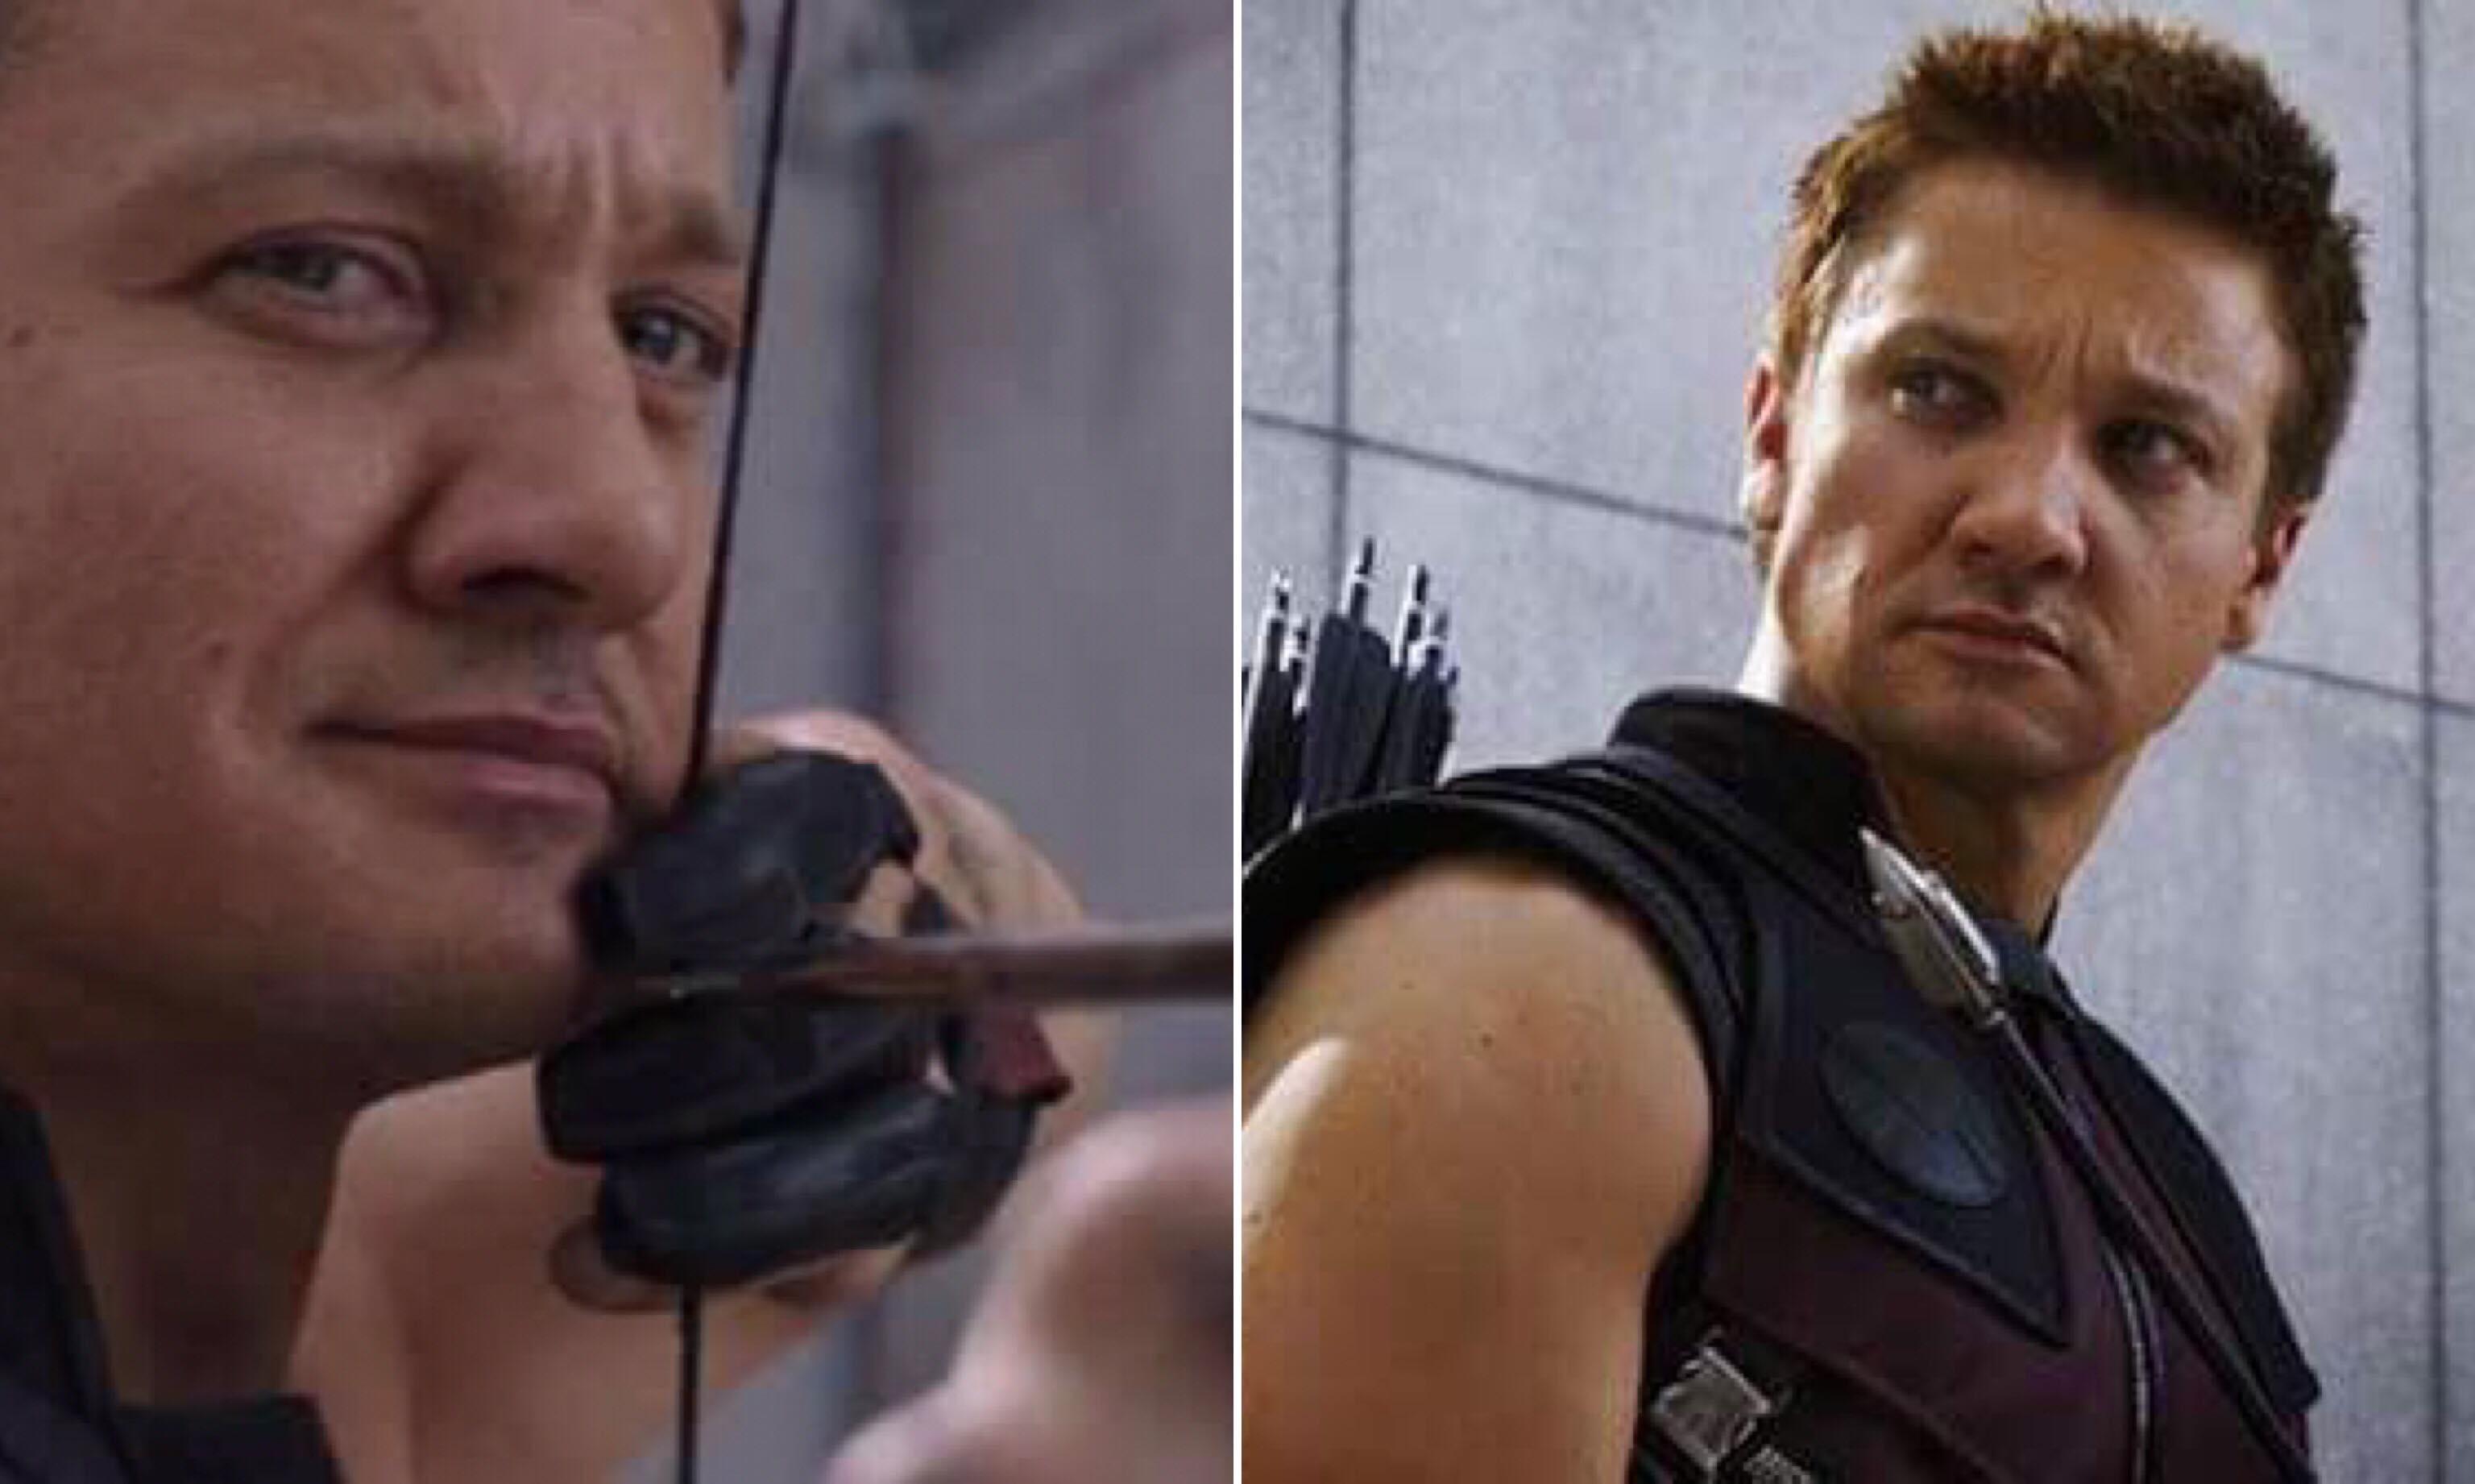 「為什麼鷹眼會成為《復仇者聯盟3》的邊緣人?」看完這篇你就知道,鷹眼到底有多可憐! – 我們用電影寫日記